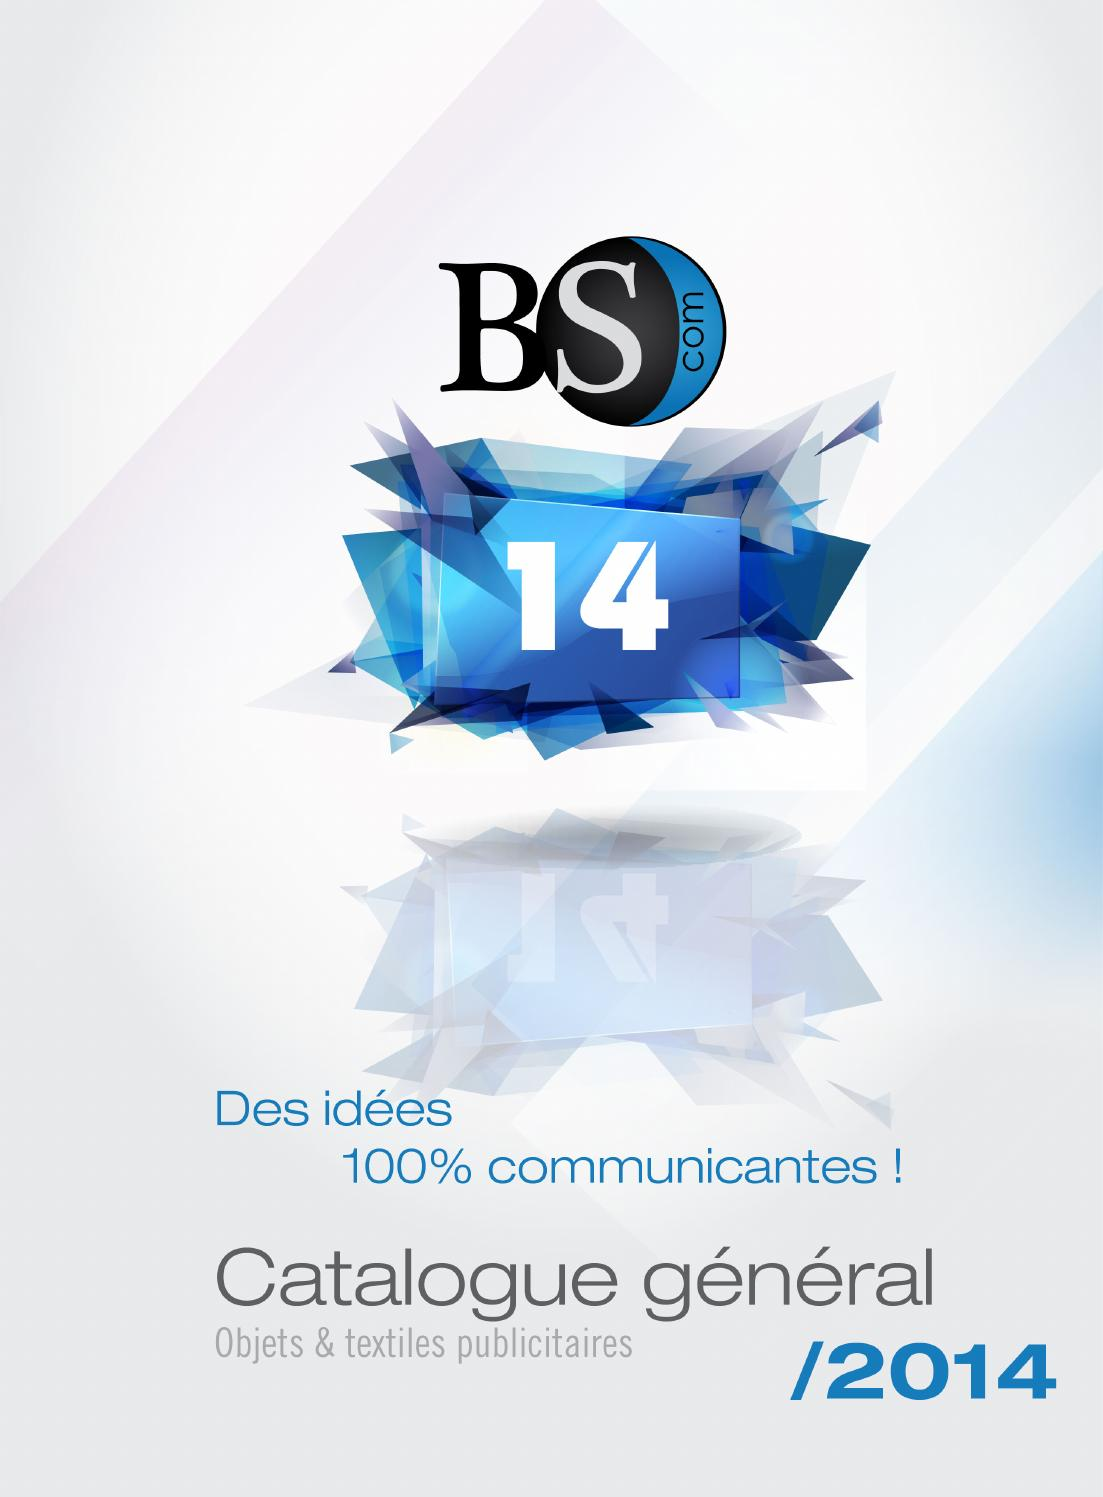 123-Turquoise En Polycoton Tissu Largeur 112 Cm payer un seul combiné postal charge.